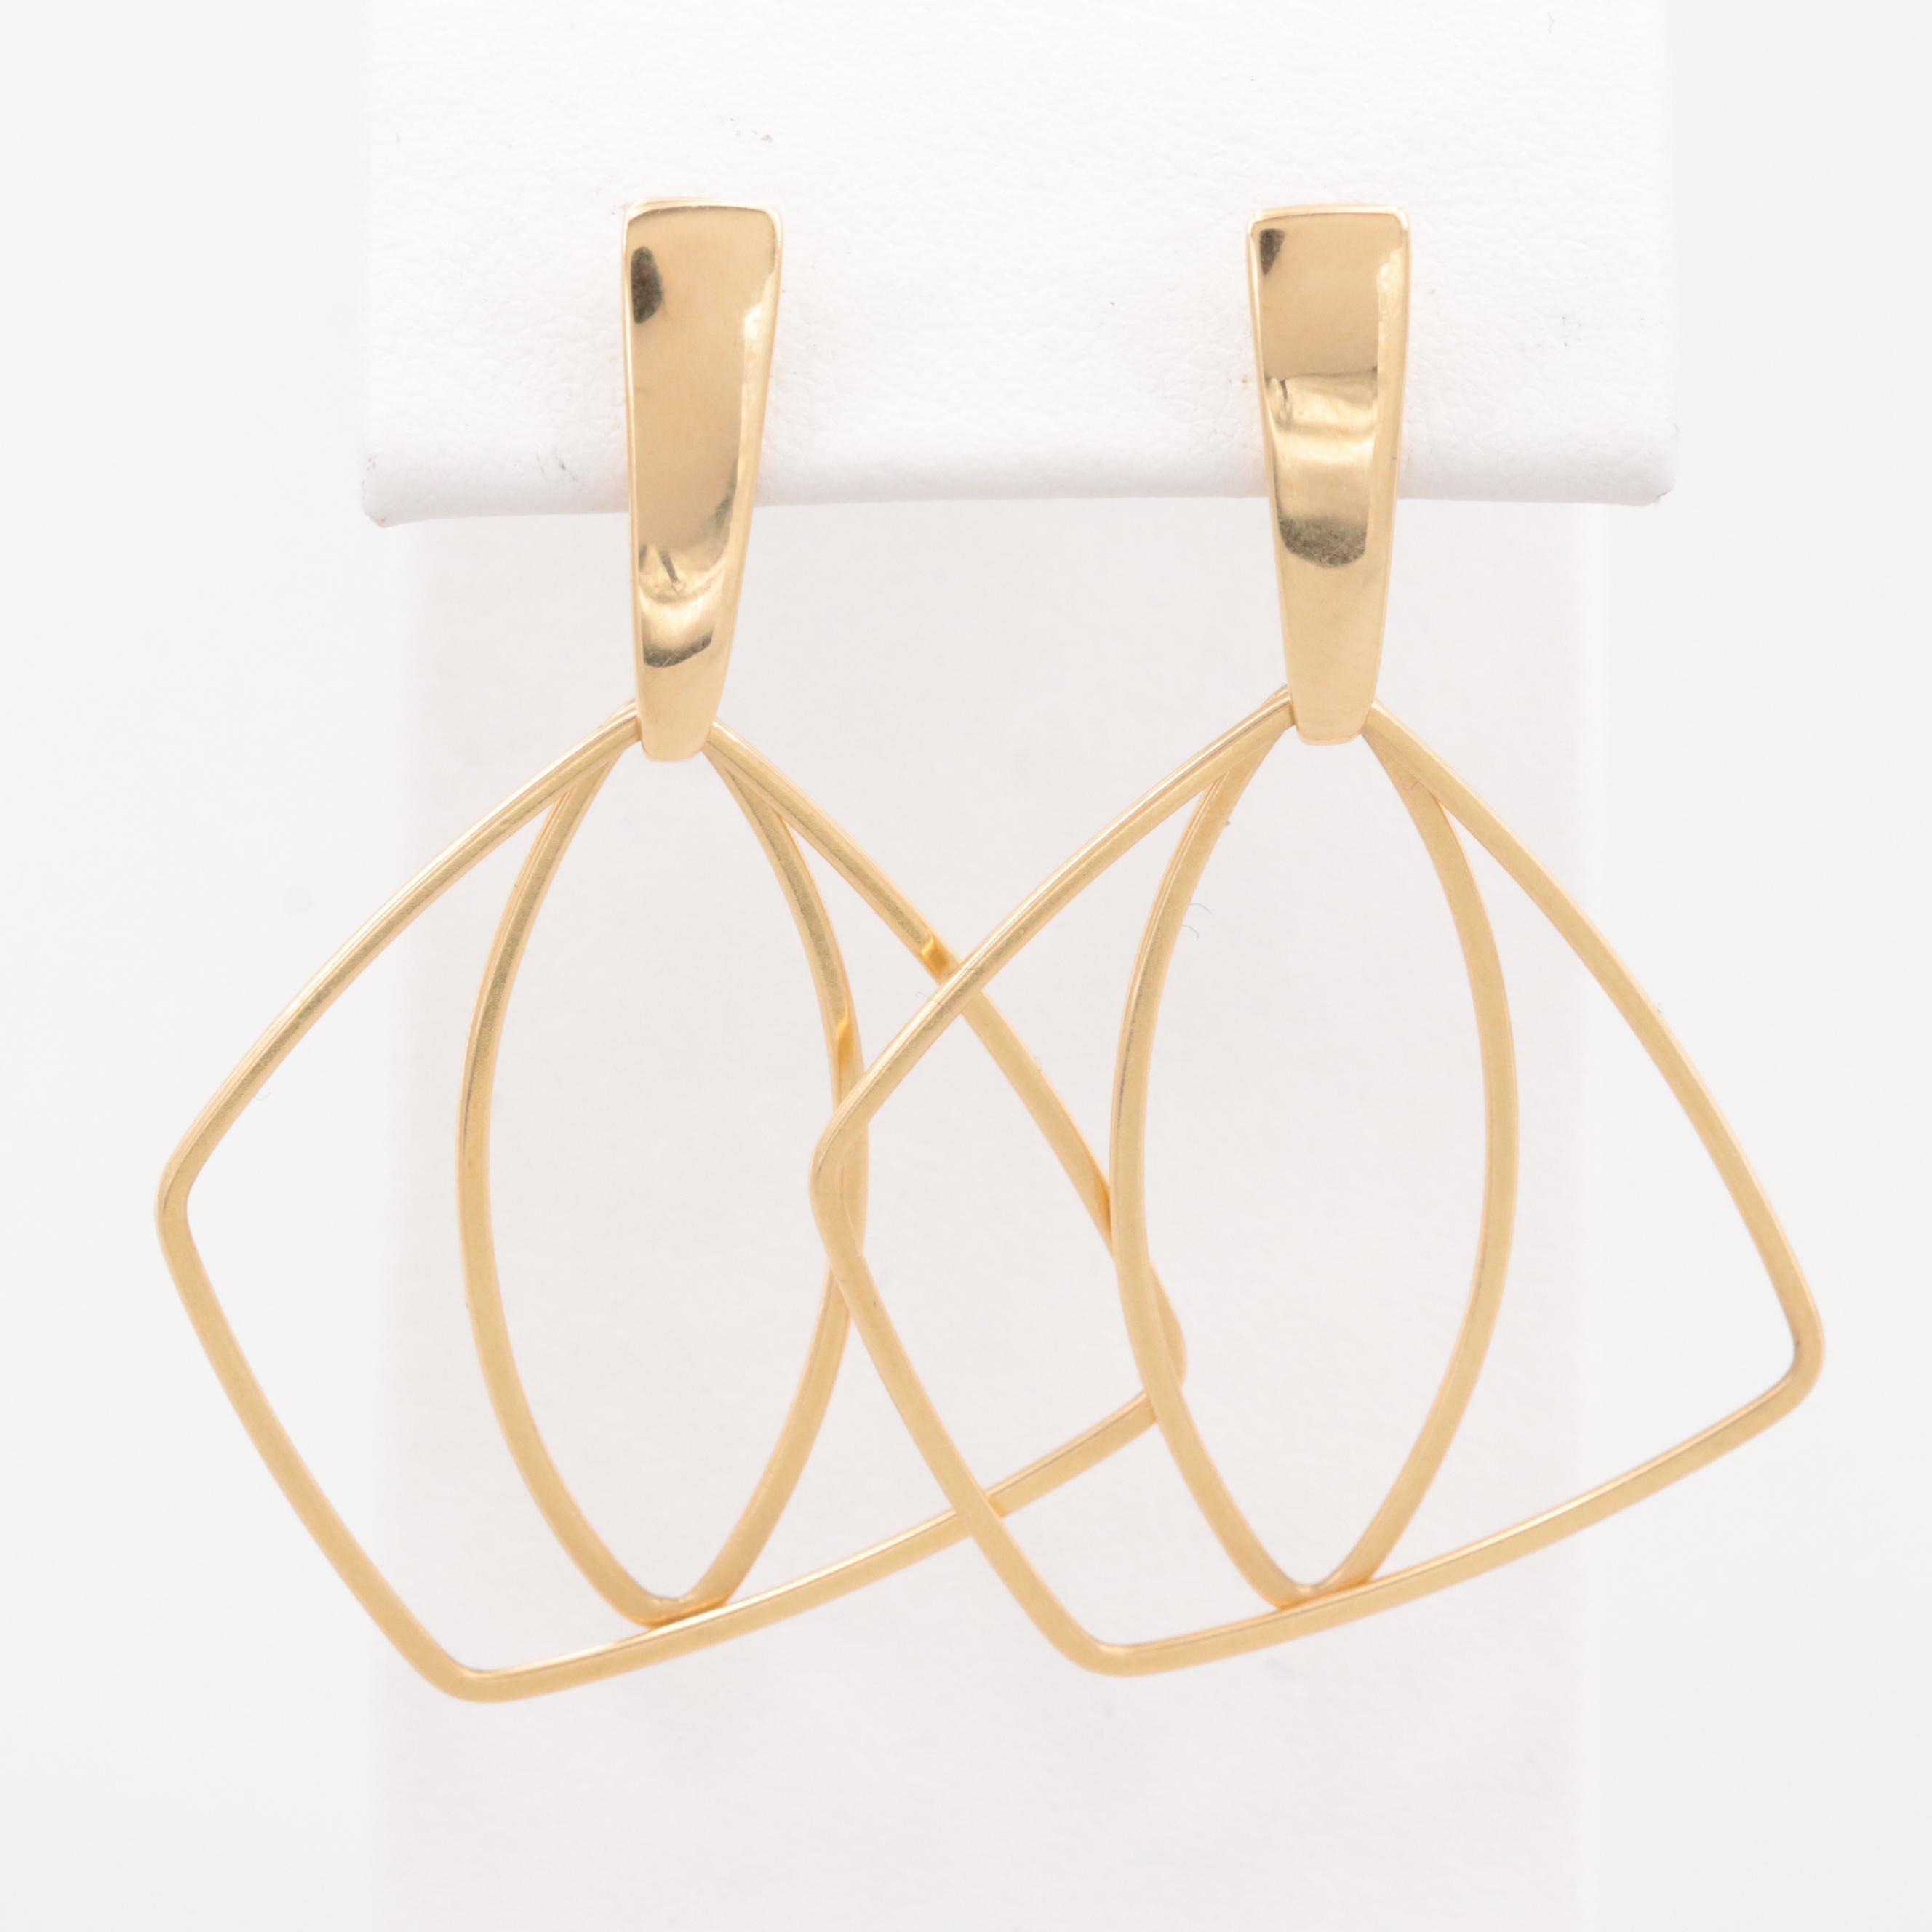 18K Yellow Gold Asymmetrical Earrings